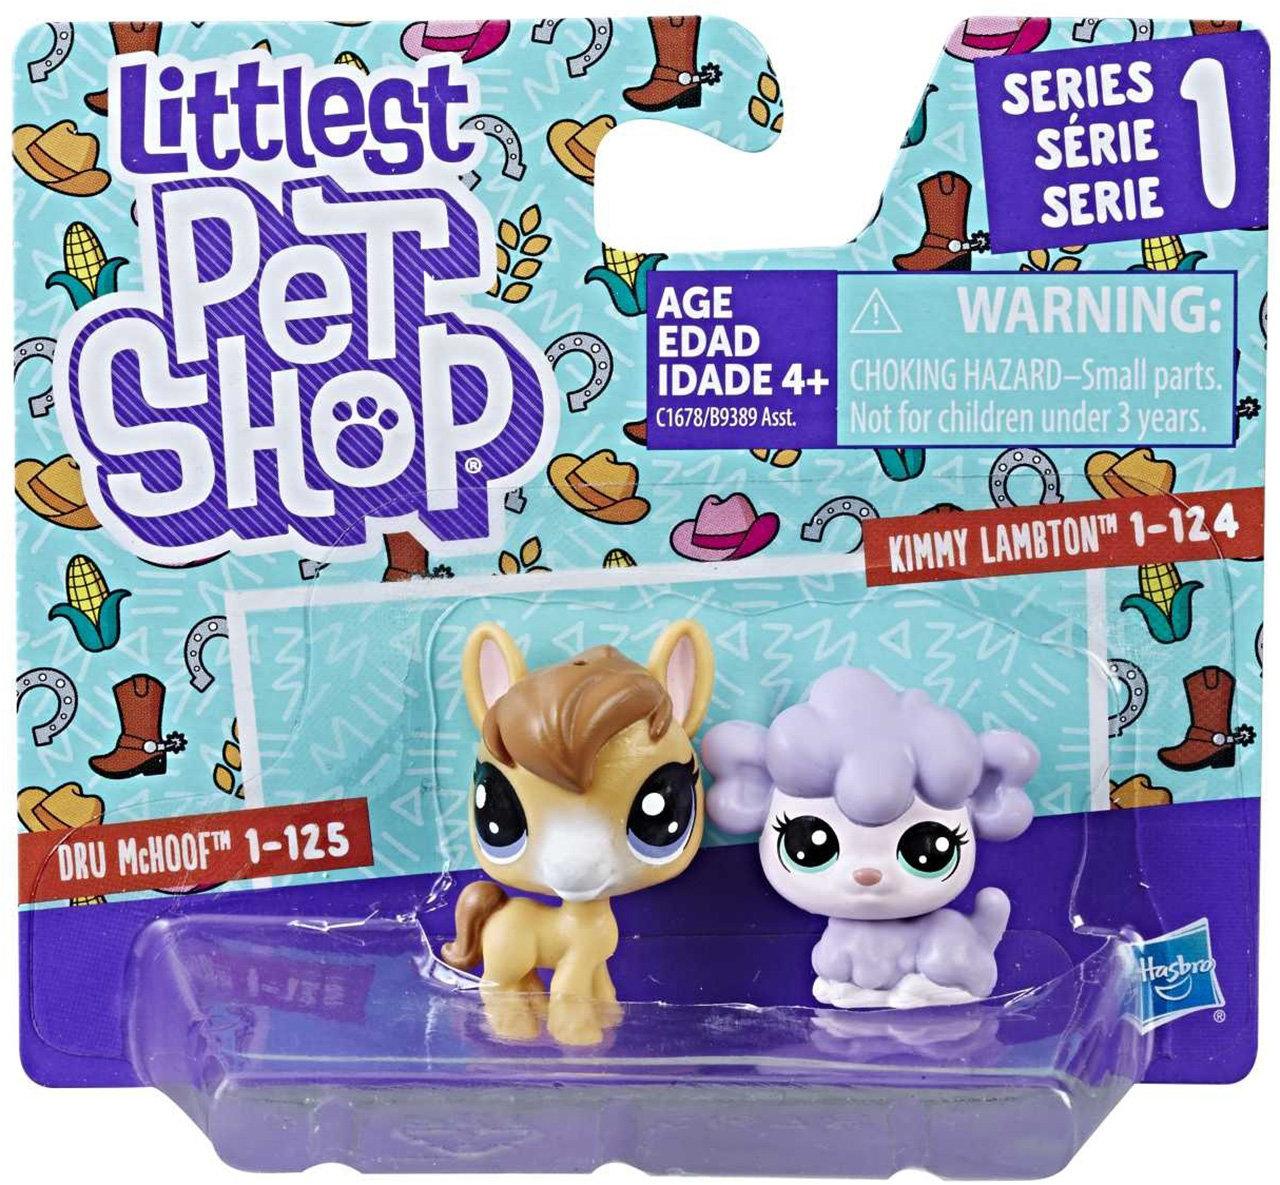 АКЦИЯ!!! Hasbro. Littlest Pet Shop 9389В Фигурка в наборе, 2шт.